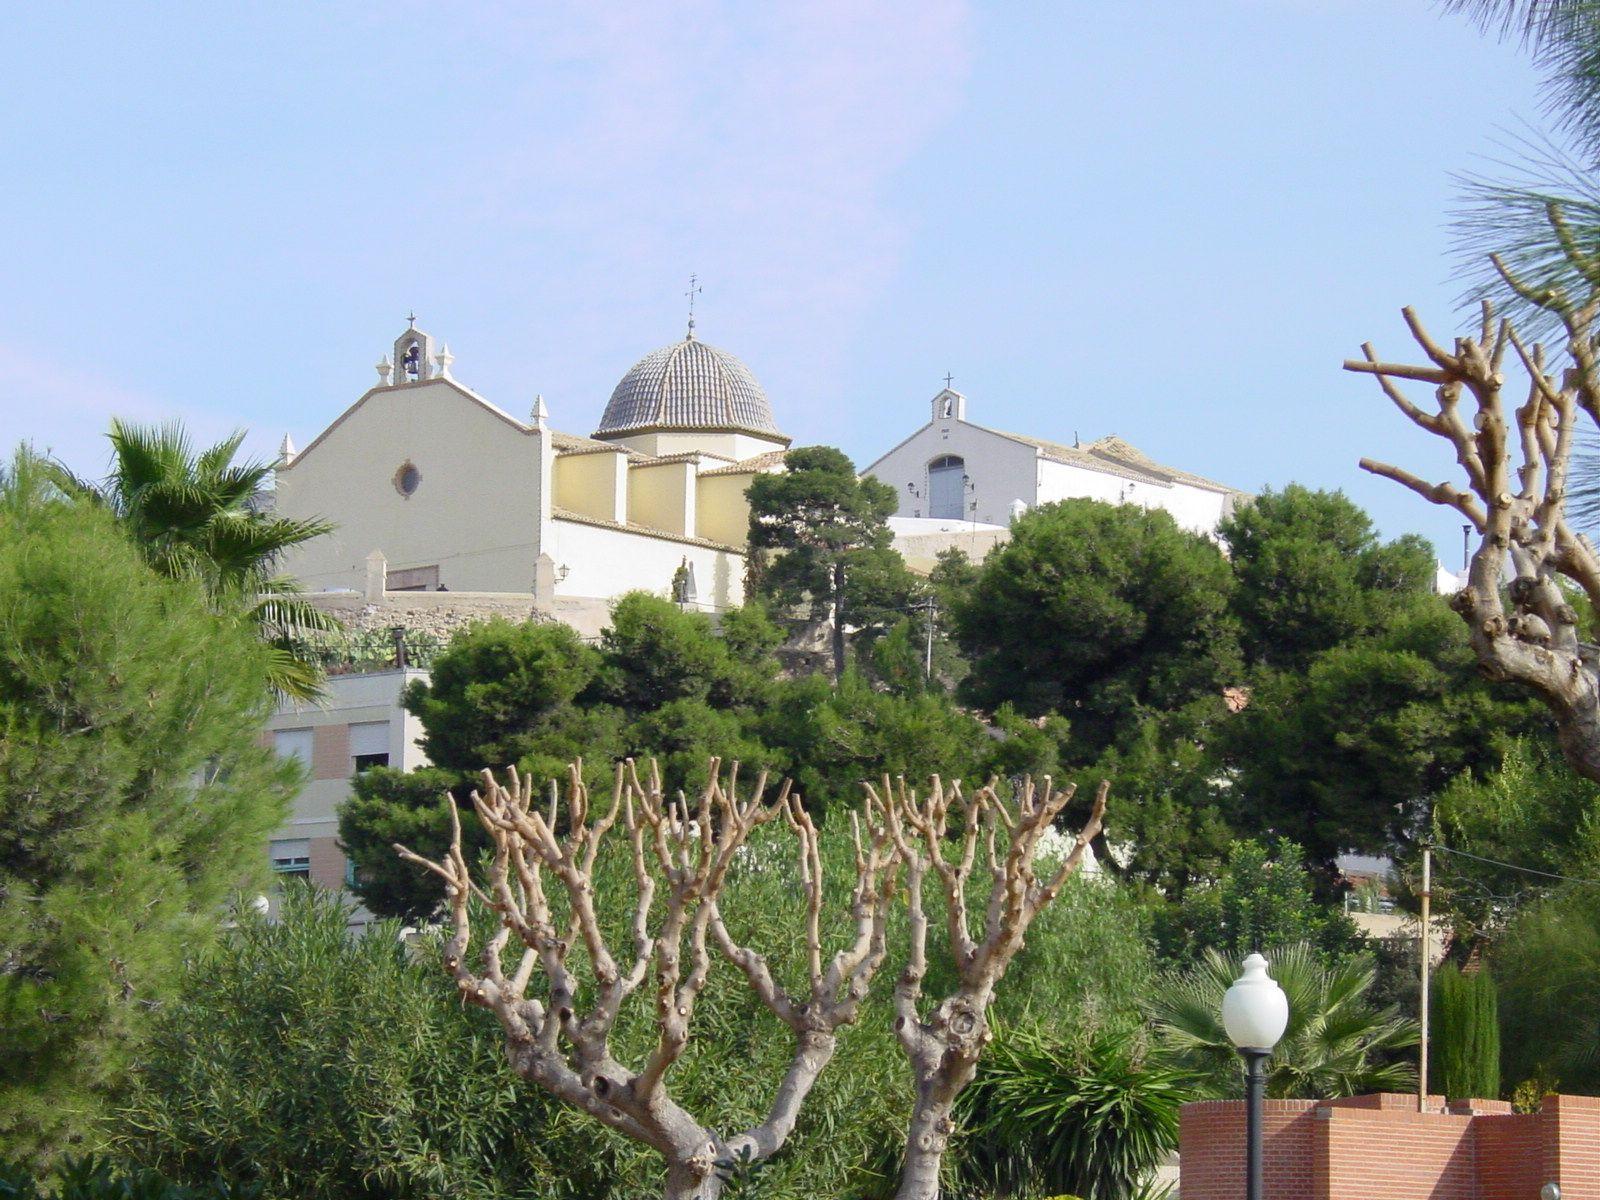 ElCristo - La Ermita - Fotografía - Año 2003